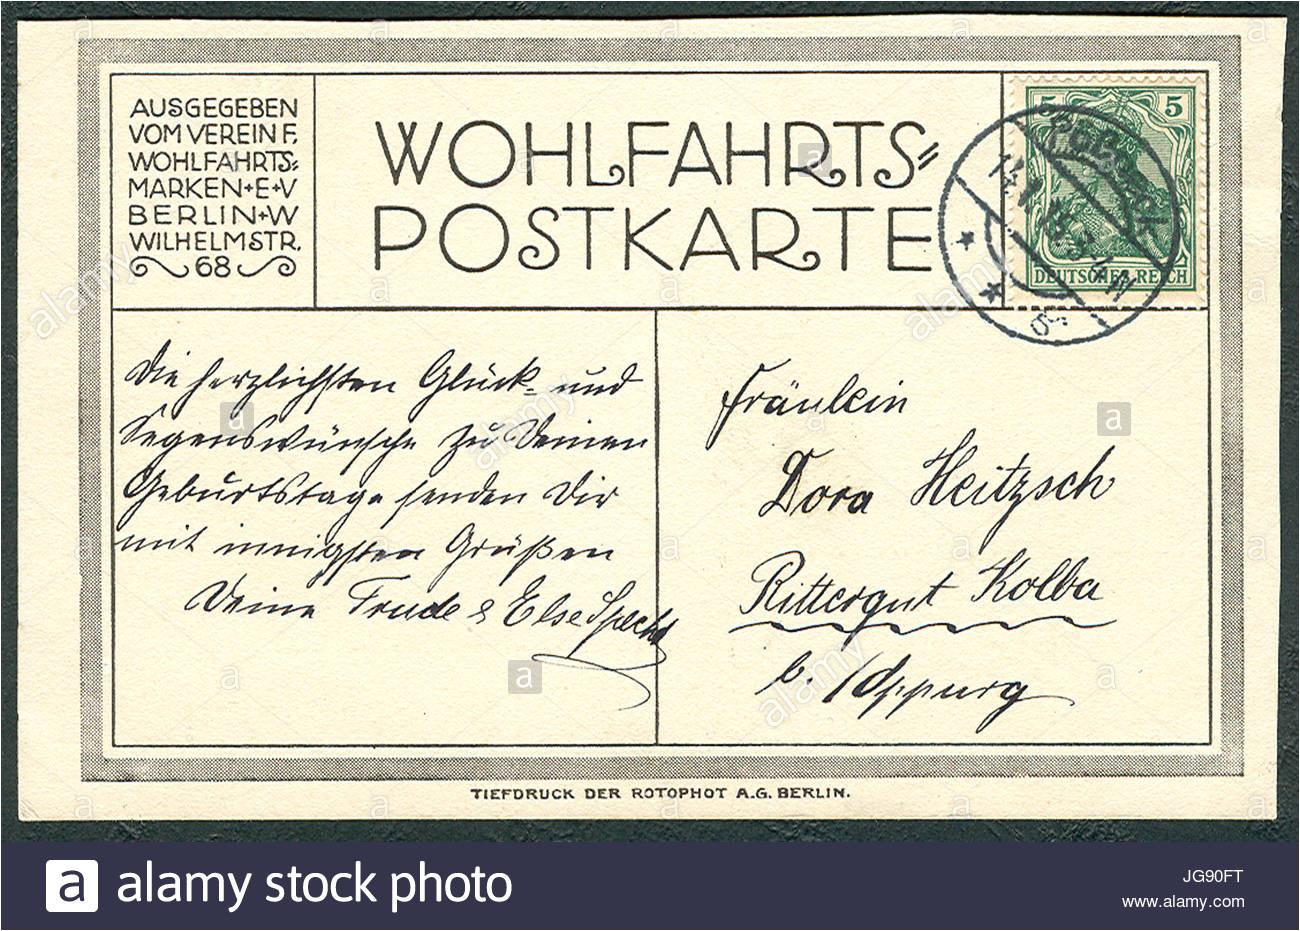 wohlfahrts postkarte deutsche heerfhrer 23 generalfeldmarschall von jg90ft jpg